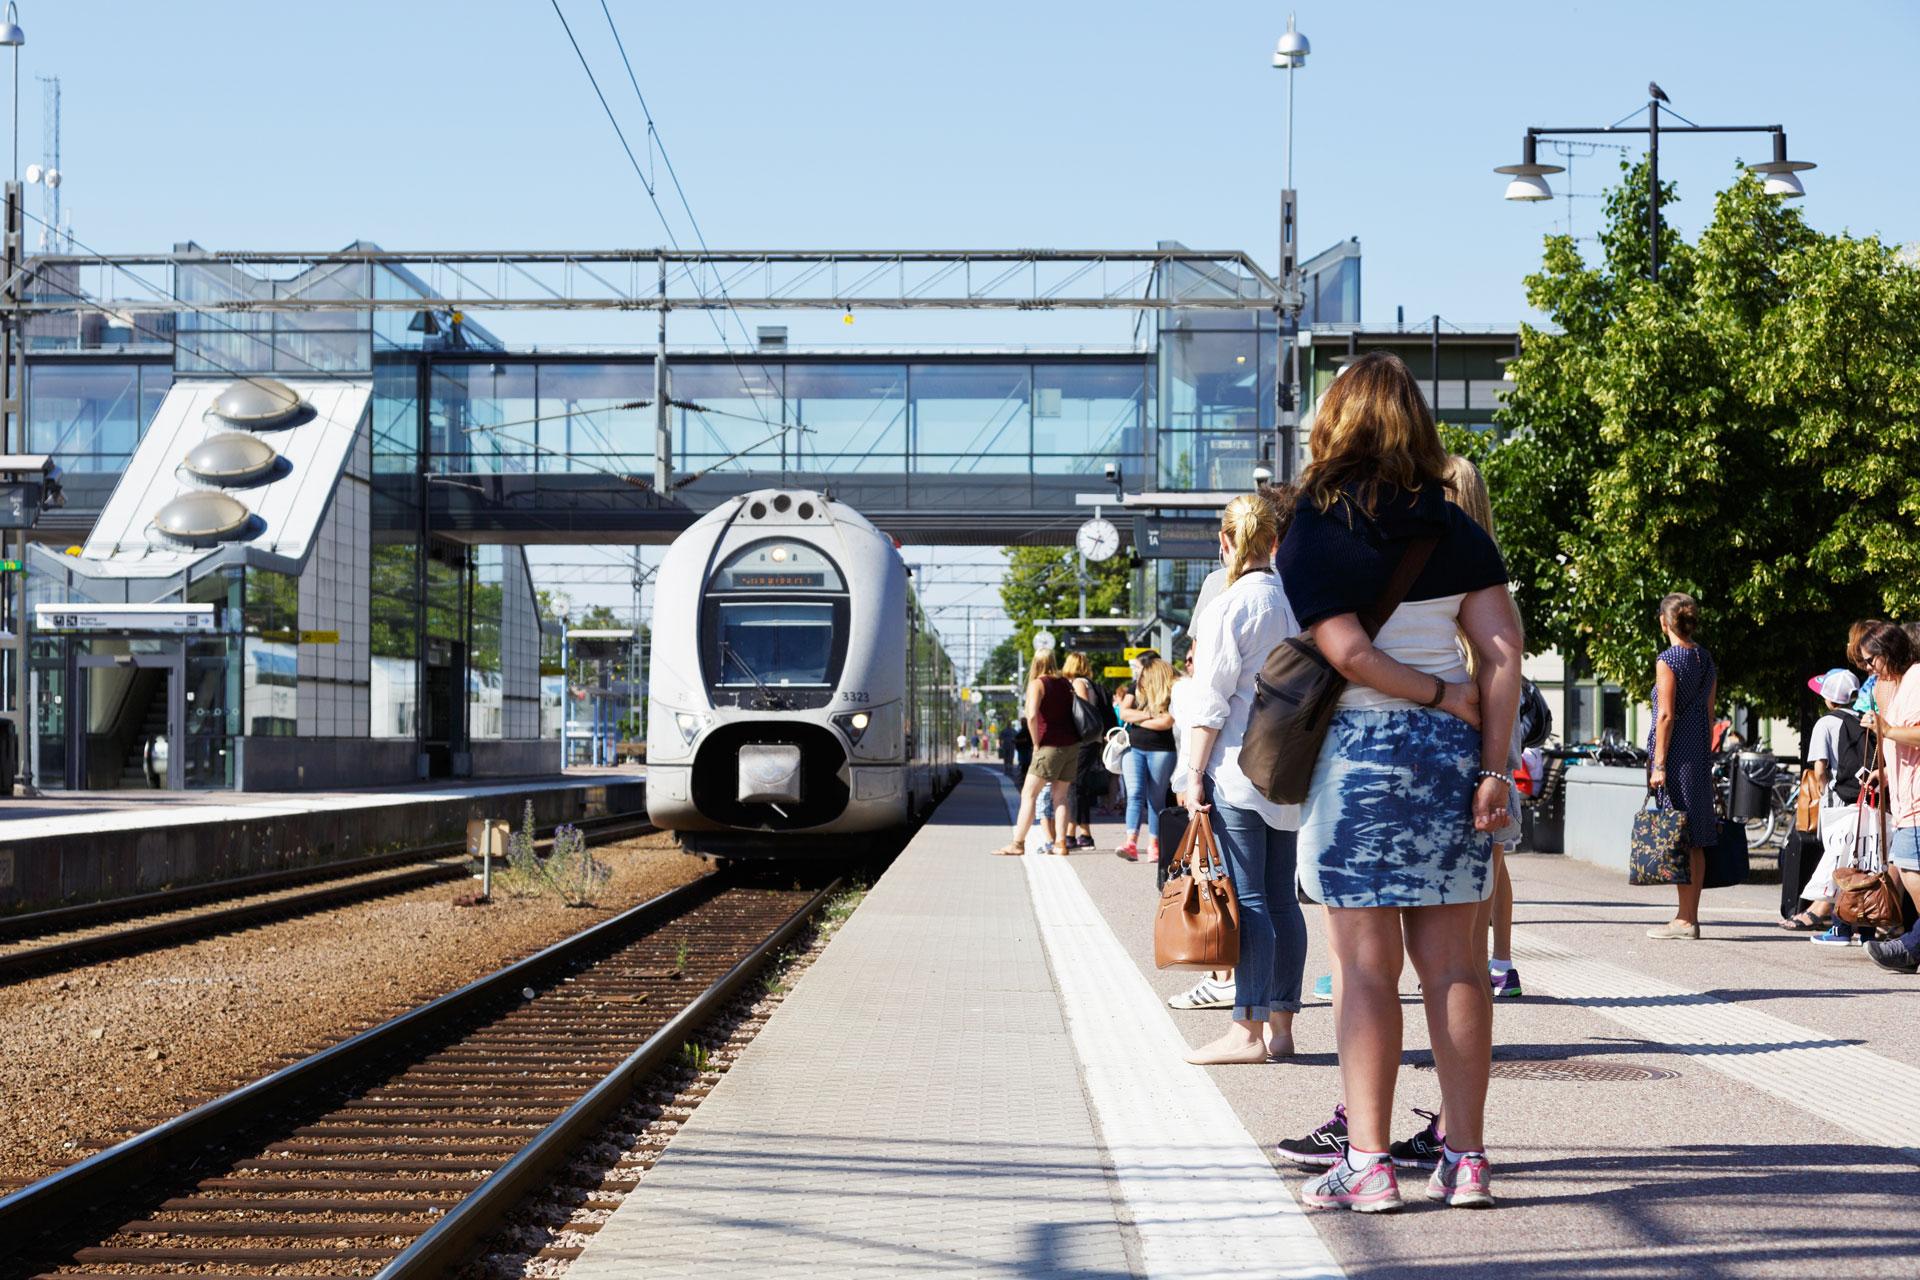 Ett SJ tåg och resenärer står på perrongen på Västerås Centralstation. Fotograf: Mostphotos